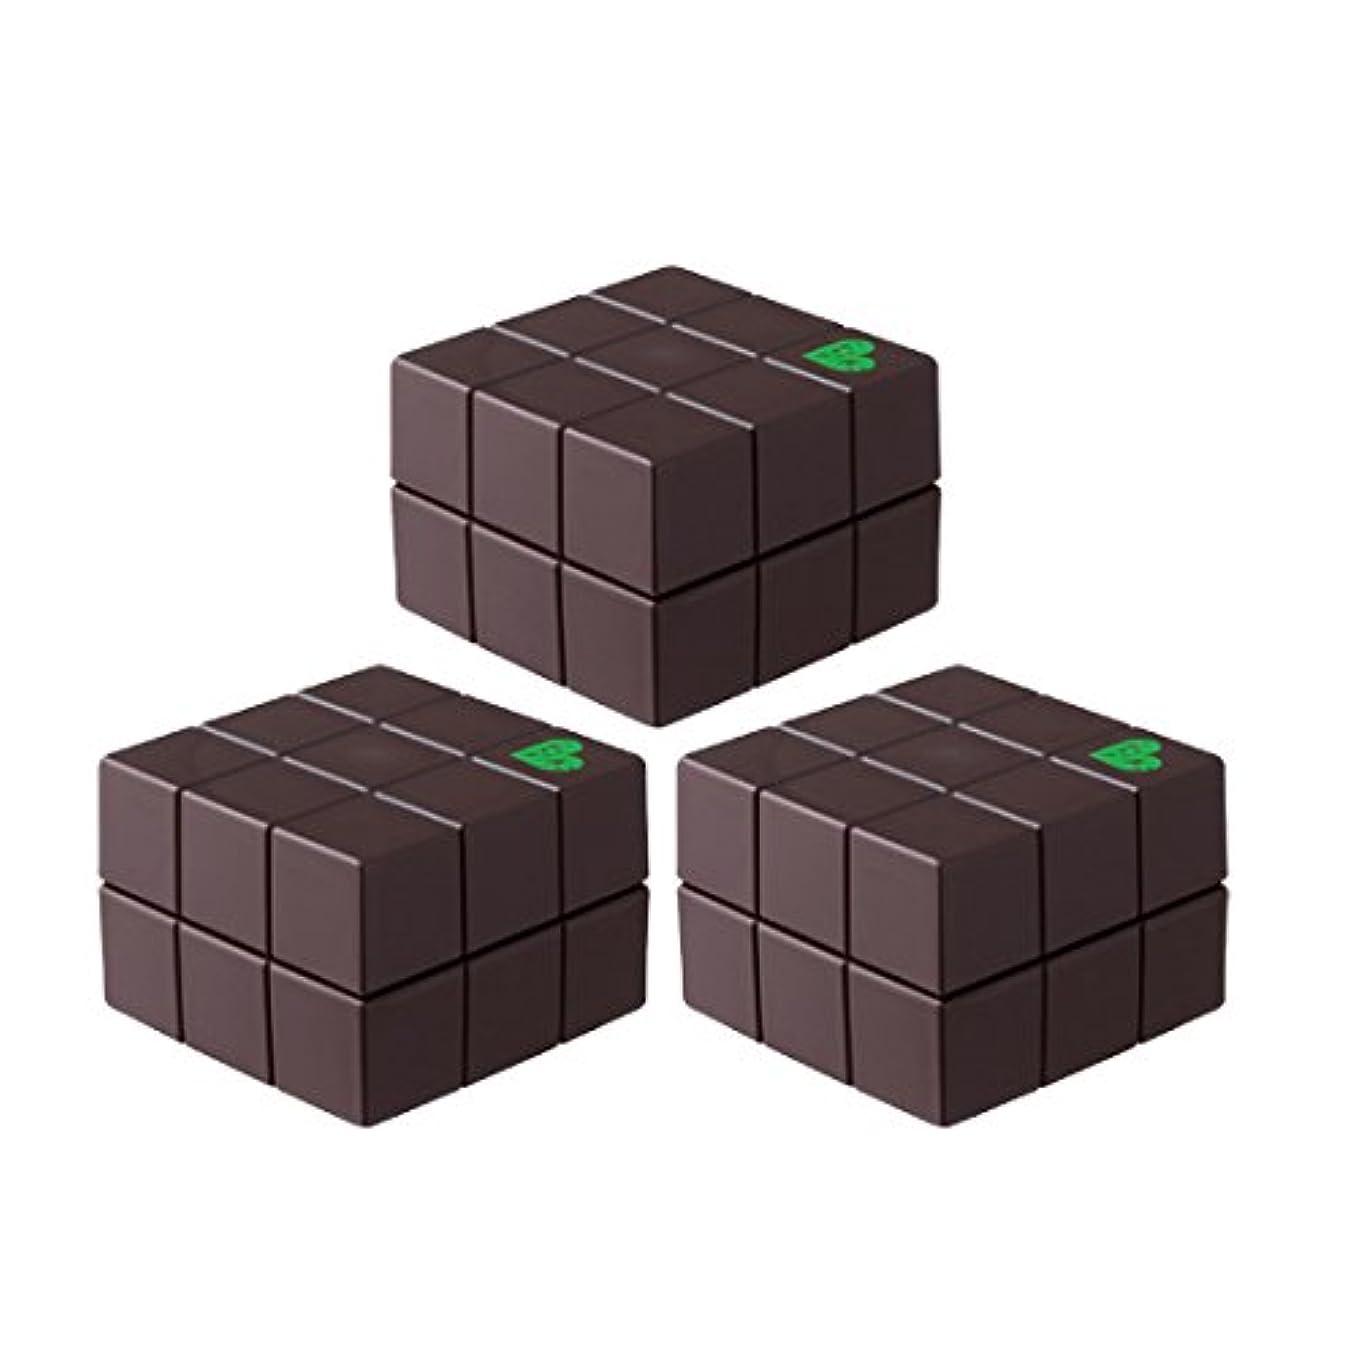 騒ぎ奨学金郵便局【x3個セット】 アリミノ ピース プロデザインシリーズ ハードワックス チョコ 40g